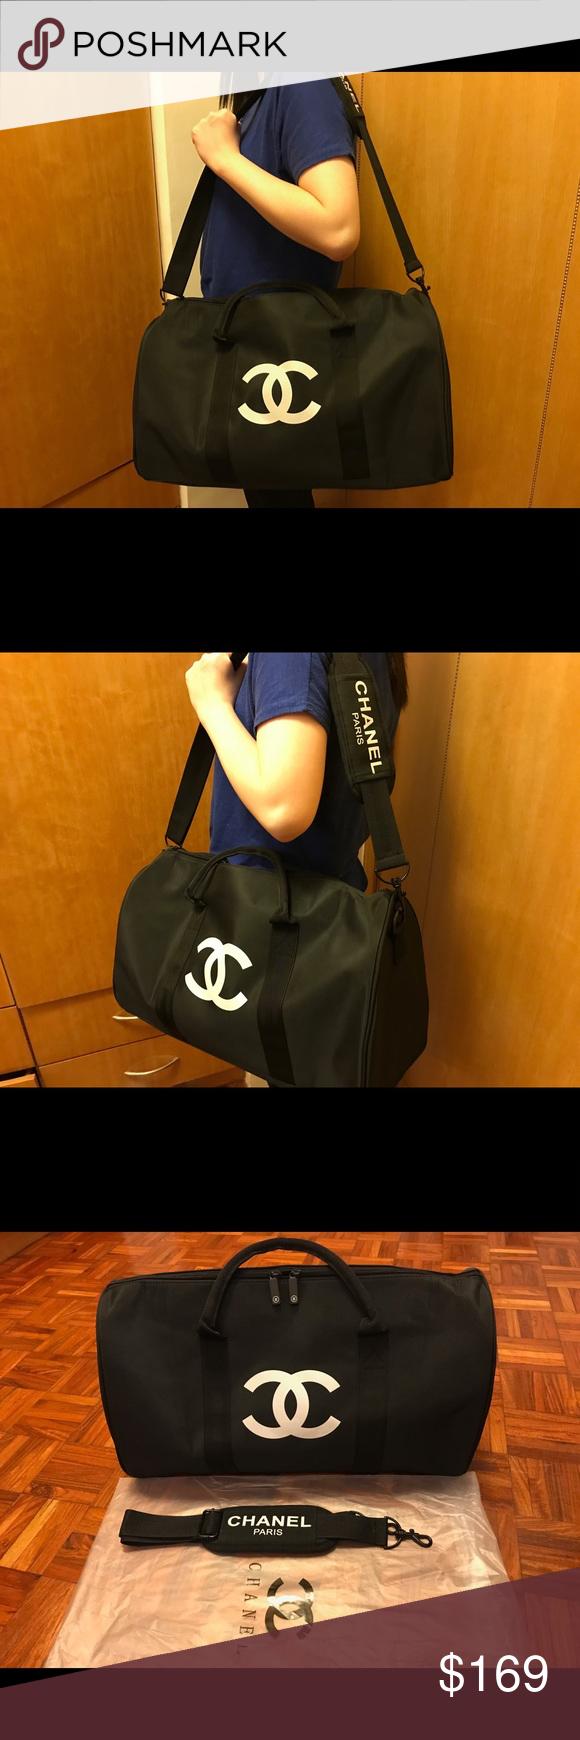 7610da4a6d1d Chanel VIP gift bag cross body travel bag gym bag Authentic 2017 Chanel VIP  gift bag